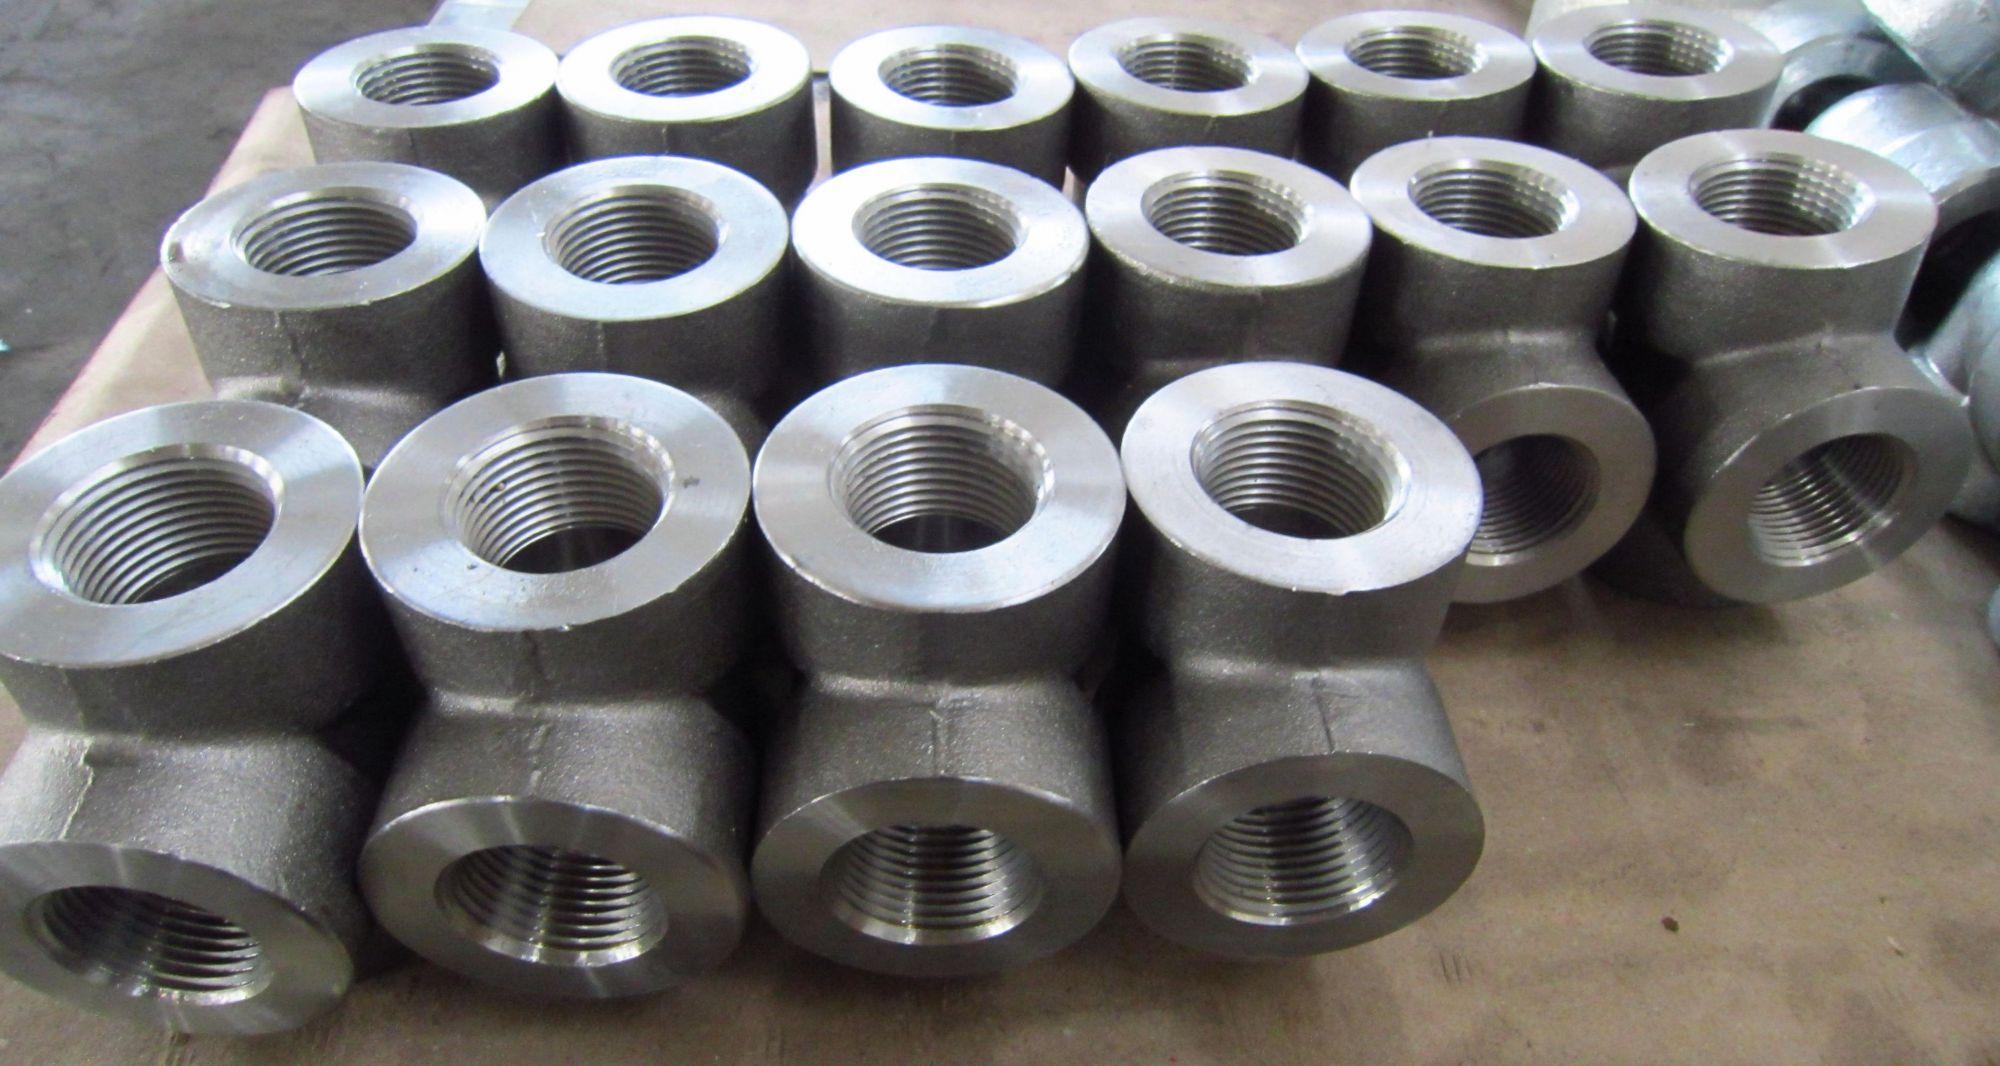 ASTM A105 Pipe Tees, DN50 X DN50, 2000 LB, FNPT Ends